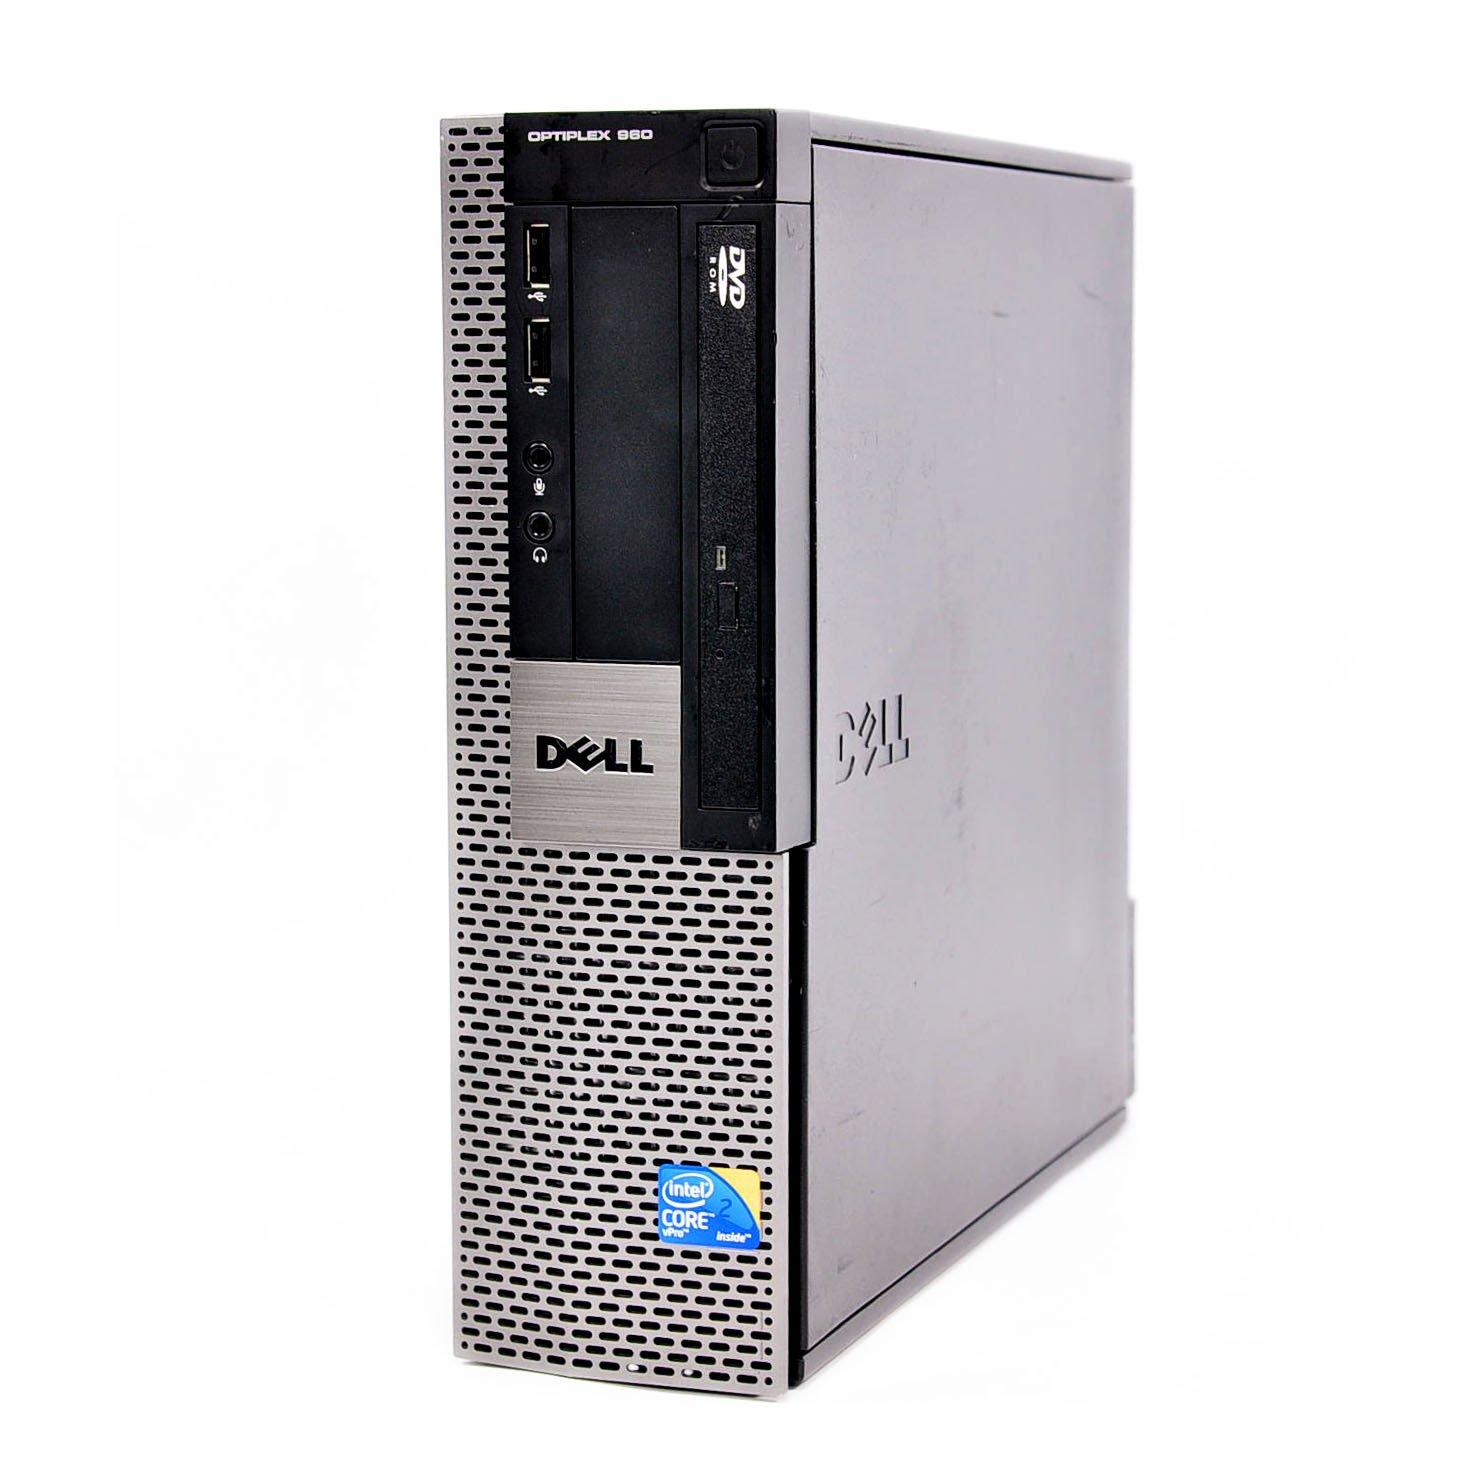 Dell OptiPlex CORE 2 Duo 3.00GHz 8GB RAM 500GB HDD WINDOWS 7 PRO 64-Bit